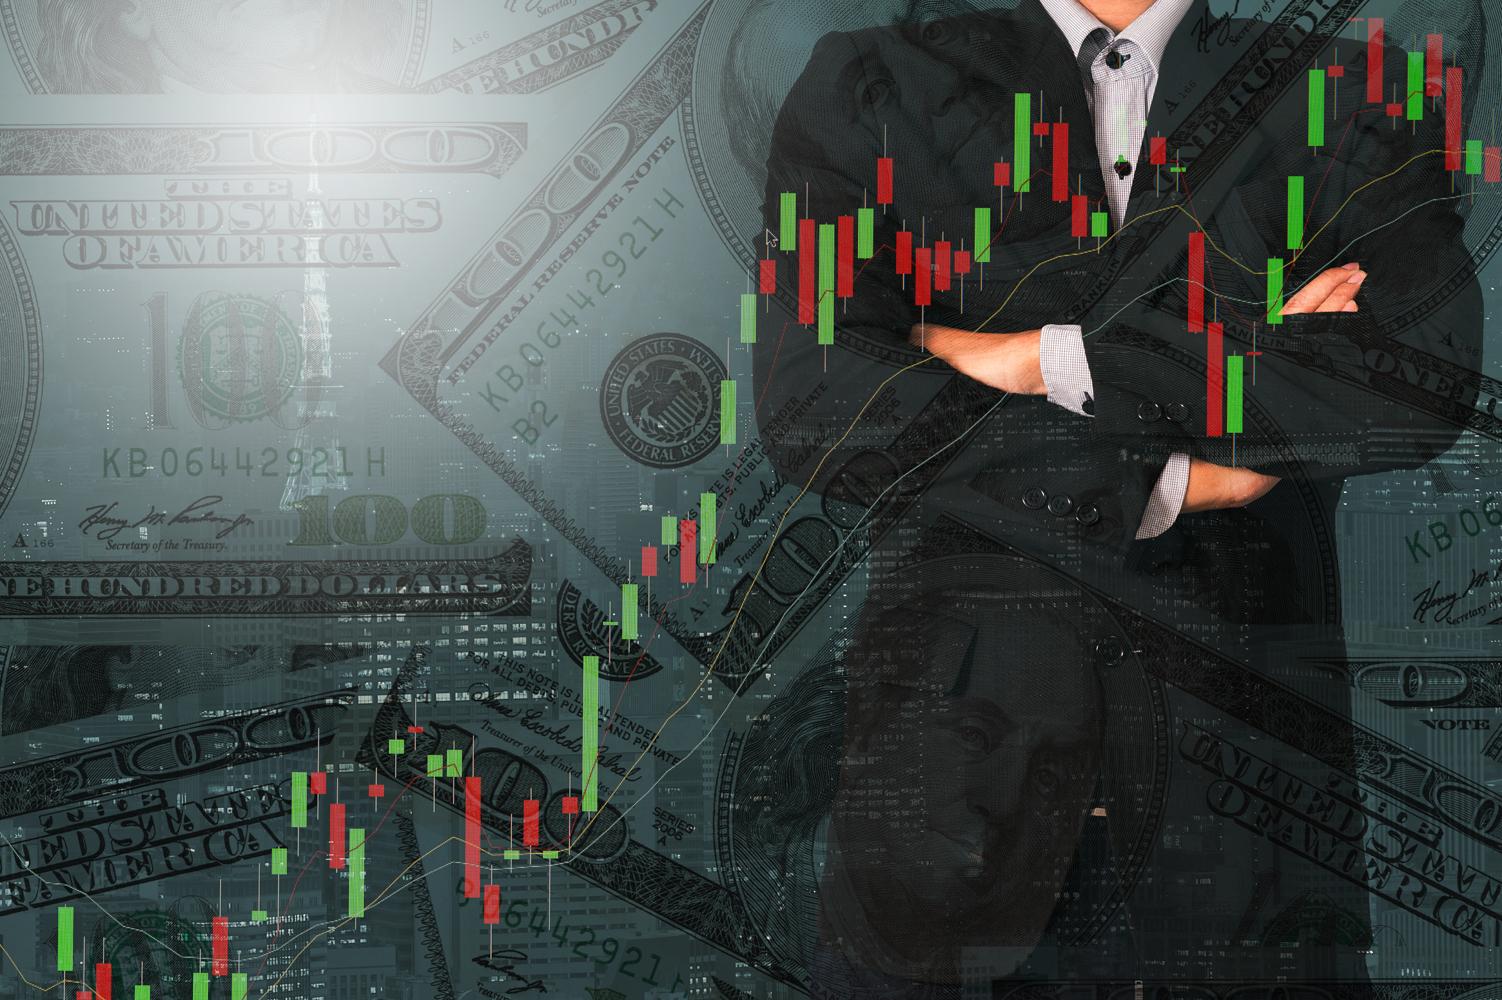 sticlă în tranzacționare ce site poți câștiga cu adevărat bani